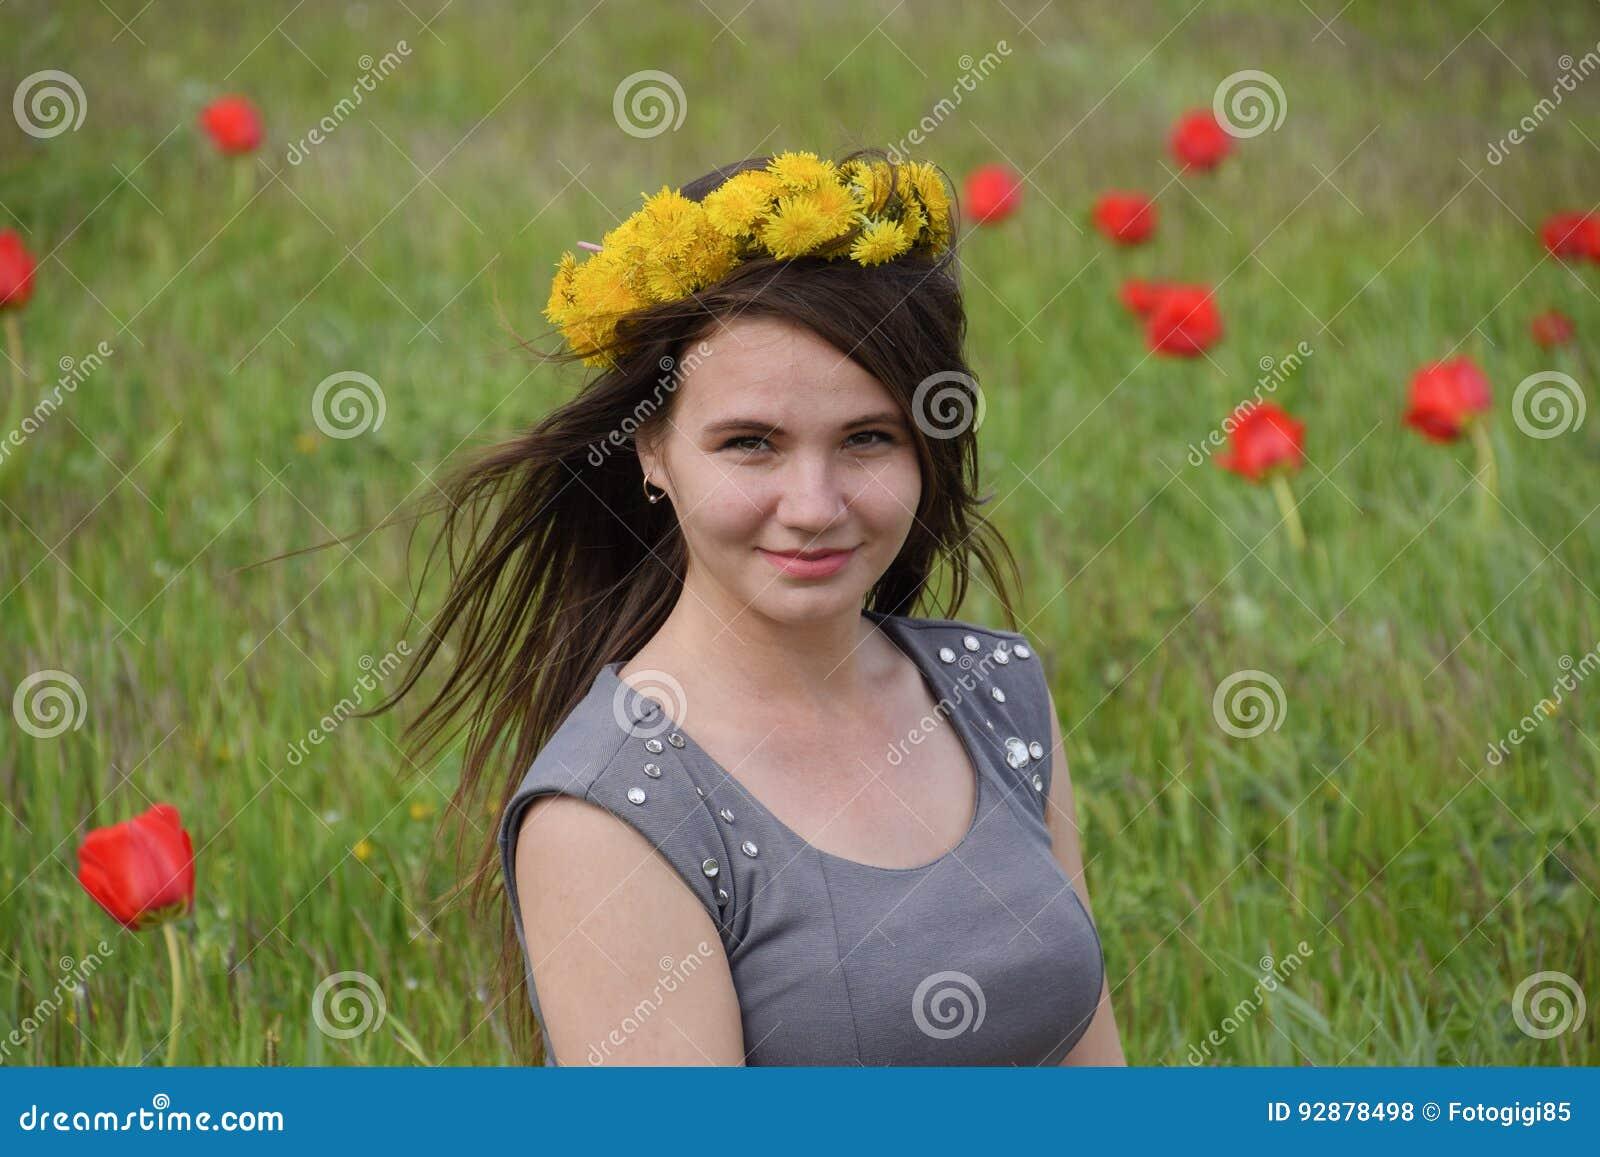 Скачать фото самая красивая миниатюрная девушка фото 151-386